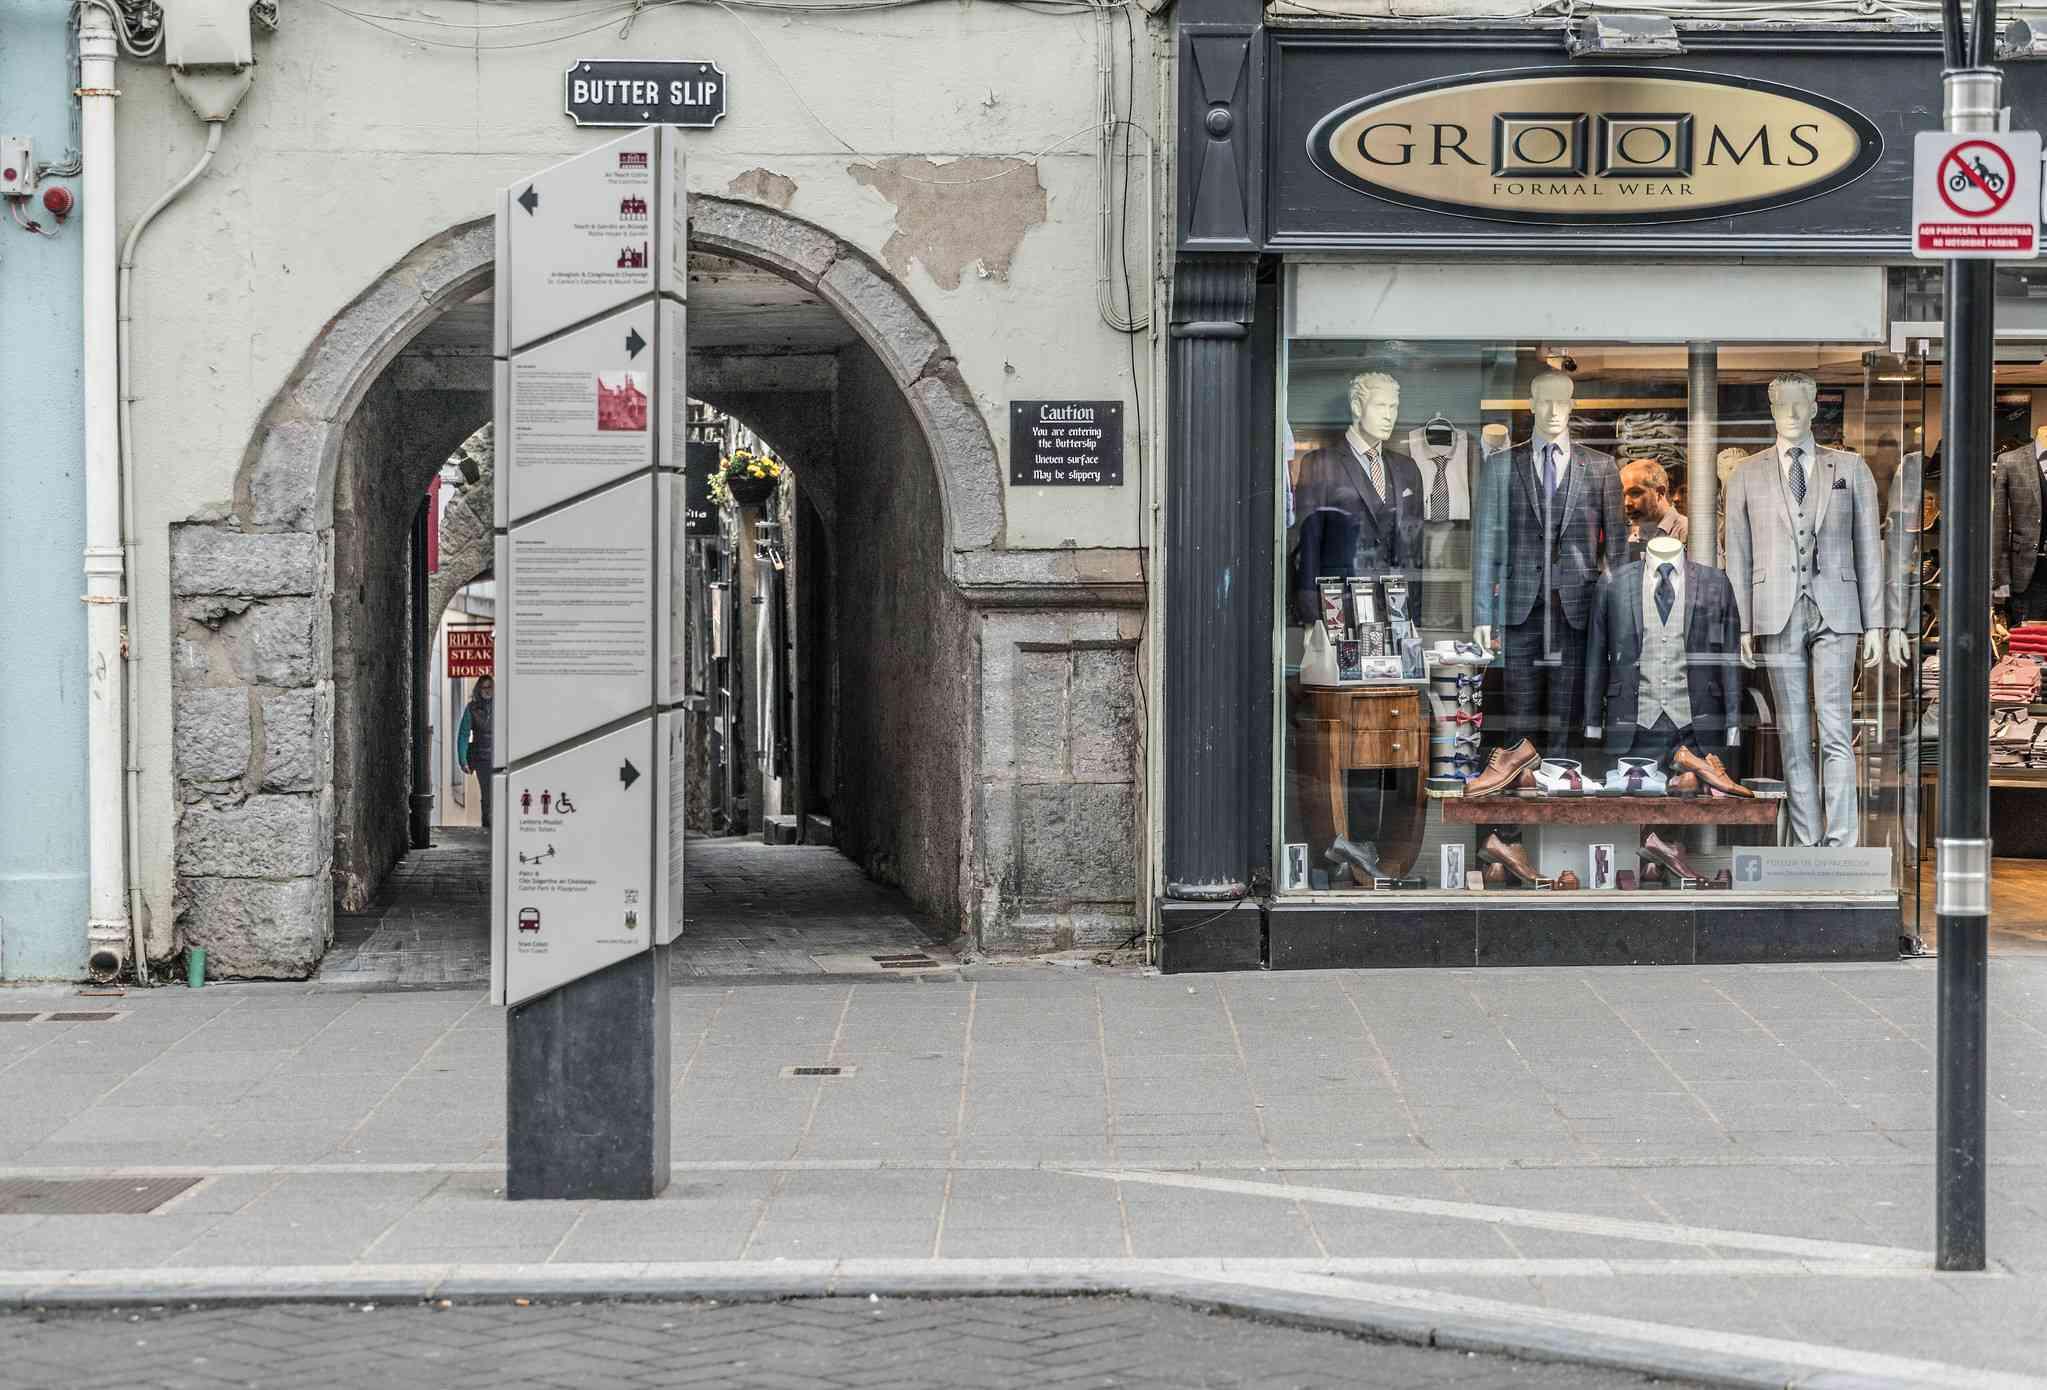 street scene in kilkenny